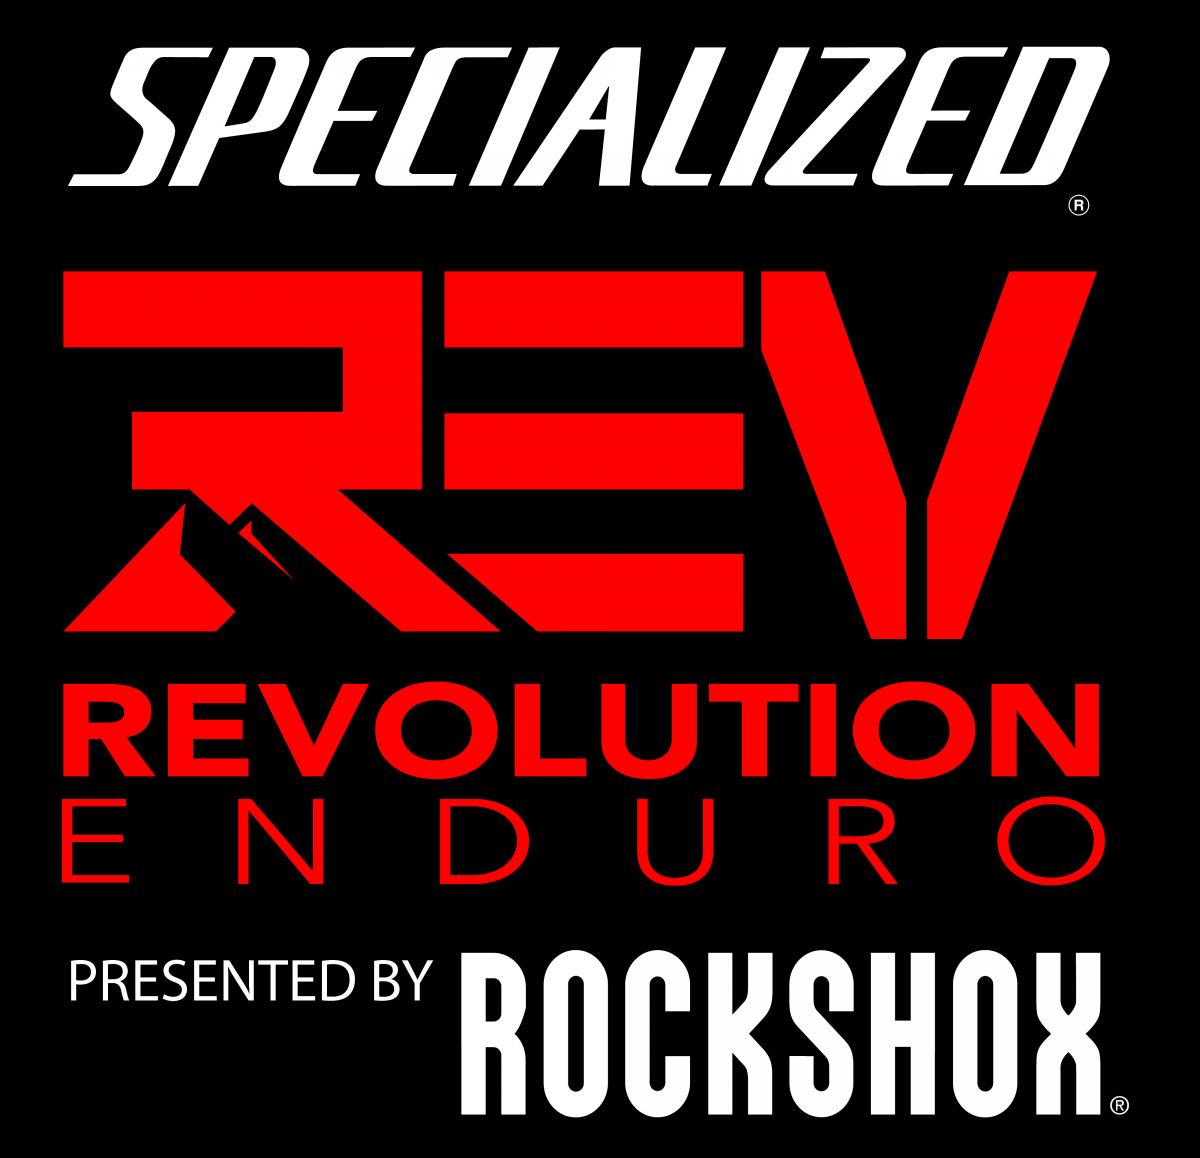 Revolution Enduro - Steamboat Springs